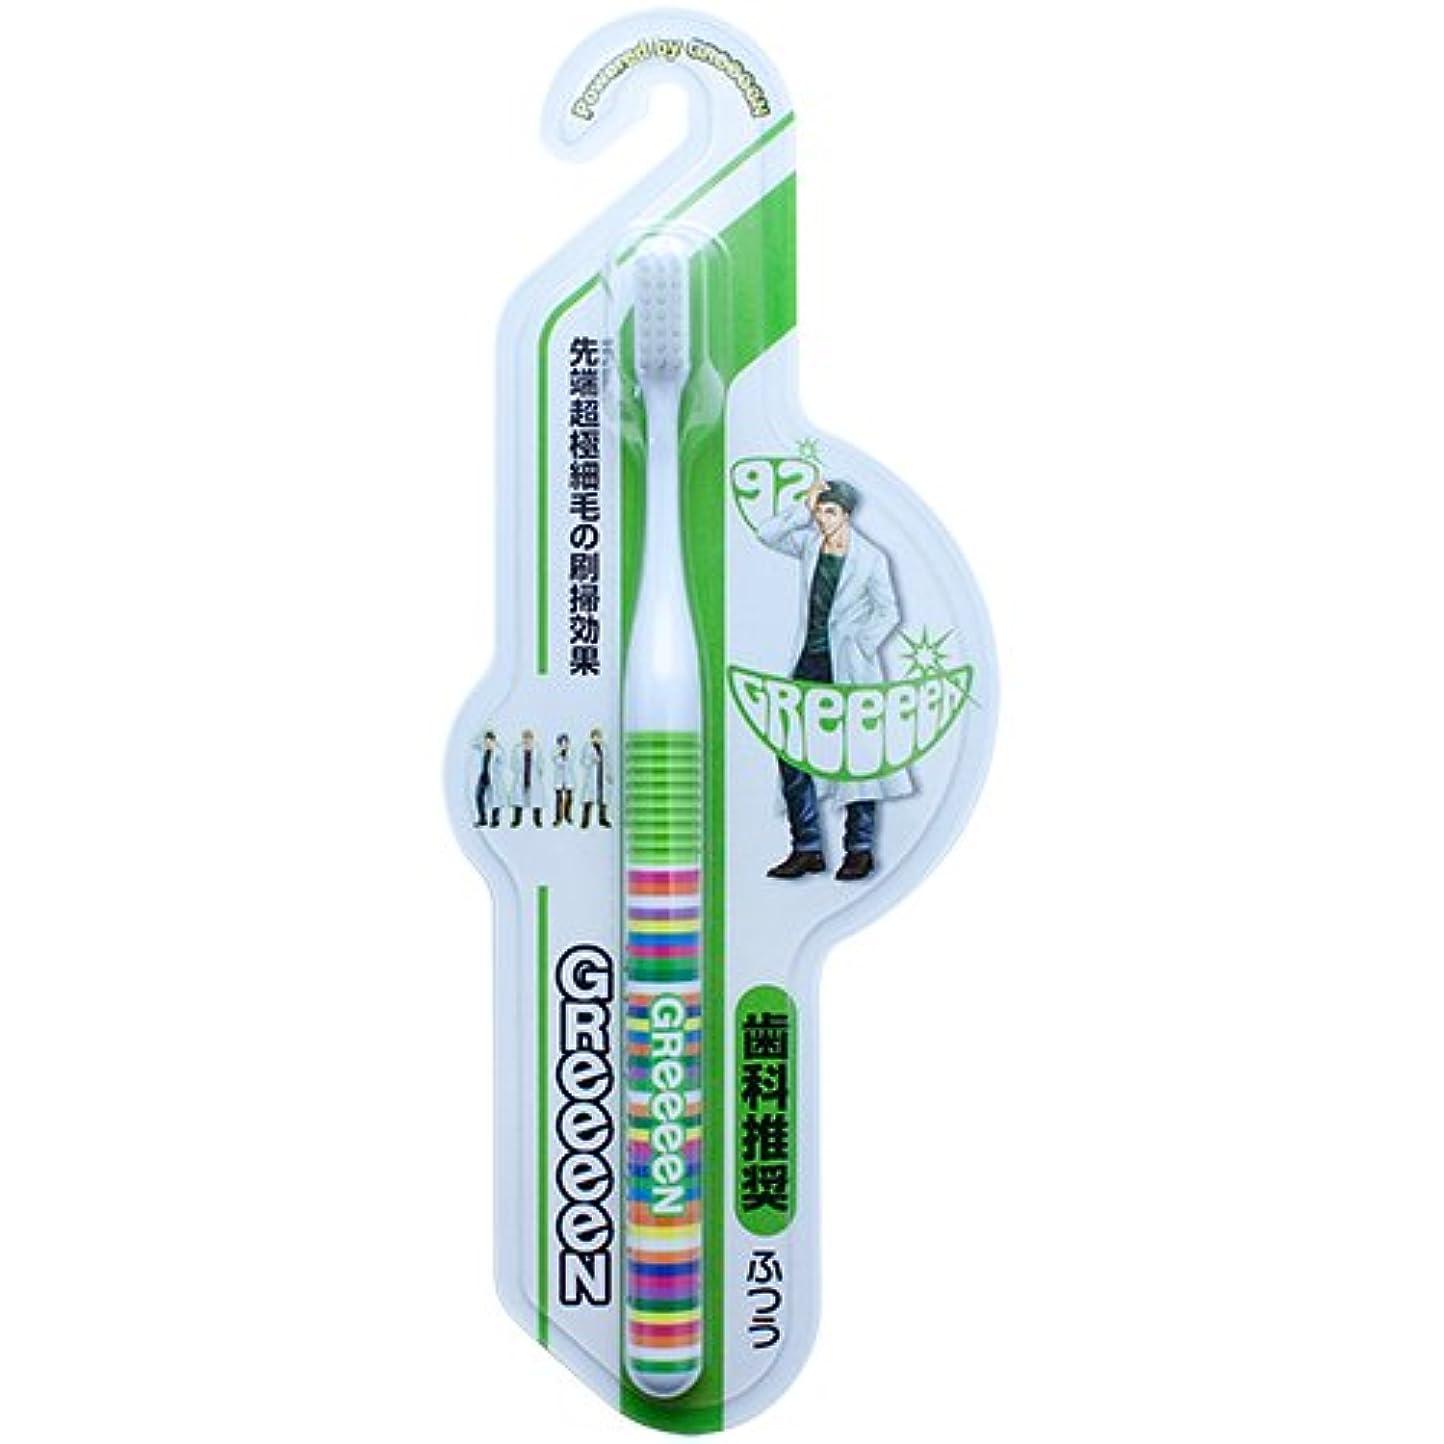 事実フォルダ禁止するGReeeeN 3列ヘッドラバーグリップ超極細毛歯ブラシ SIRO 92 1本